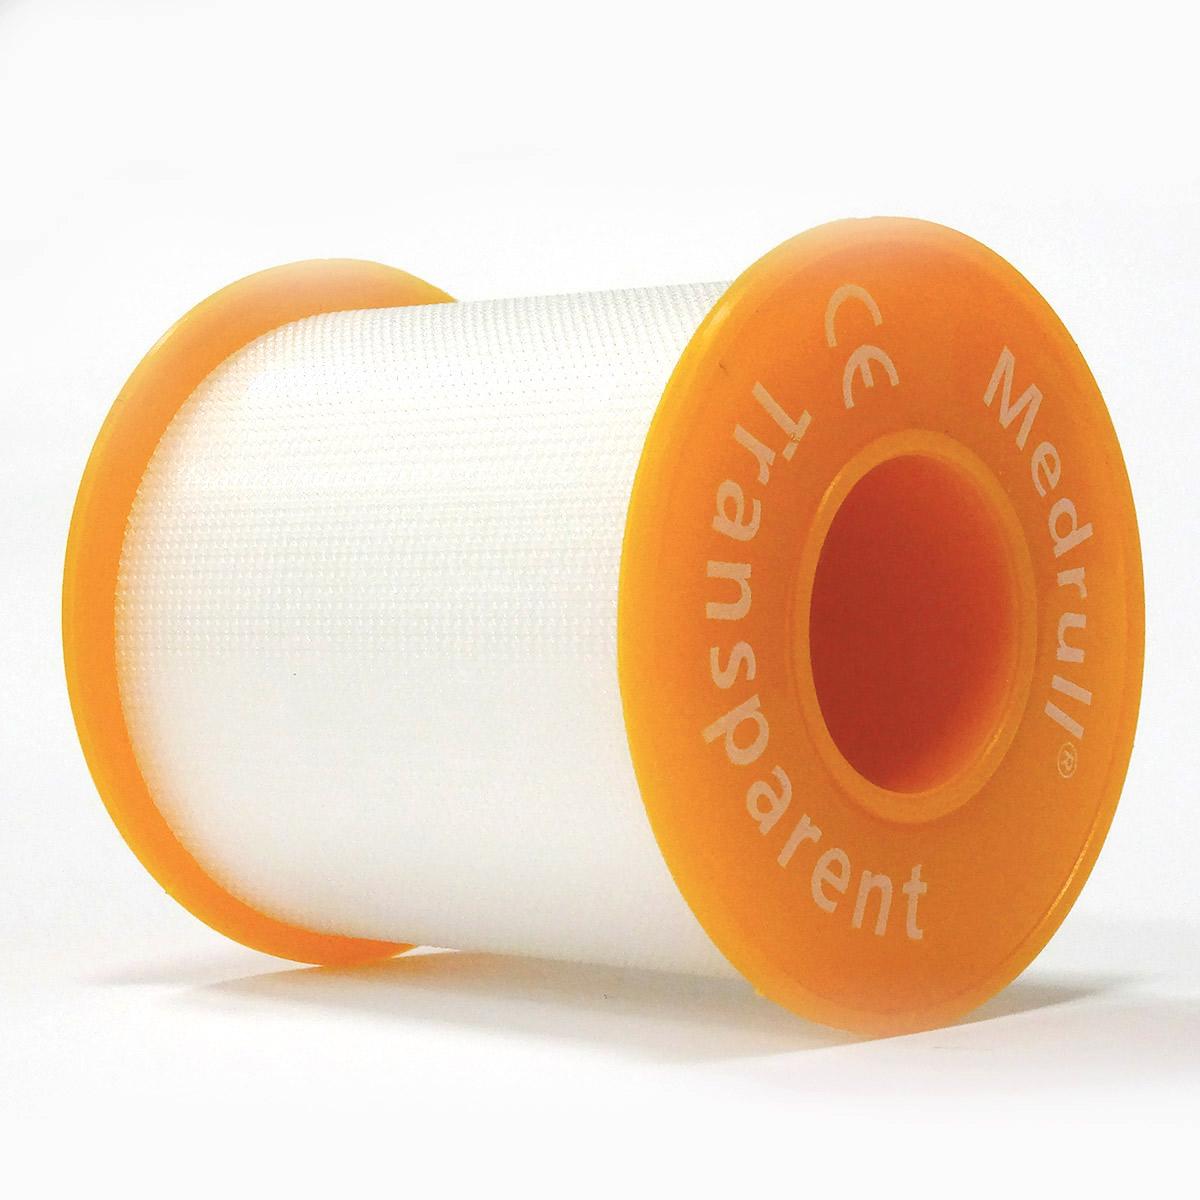 Medrull Лейкопластырь медицинский фиксирующий Transparent, рулонный на полимерной основе, 5х500 см4260071590039ПЛАСТЫРЬ В РУЛЛОНЧИКЕ TRANSPARENT/ ПРОЗРАЧНЫЙ Состав Полимерный материал. Структура материала Перфорированый полимерный материал на цинк – оксидной основе. Размер 5cм x 500cм